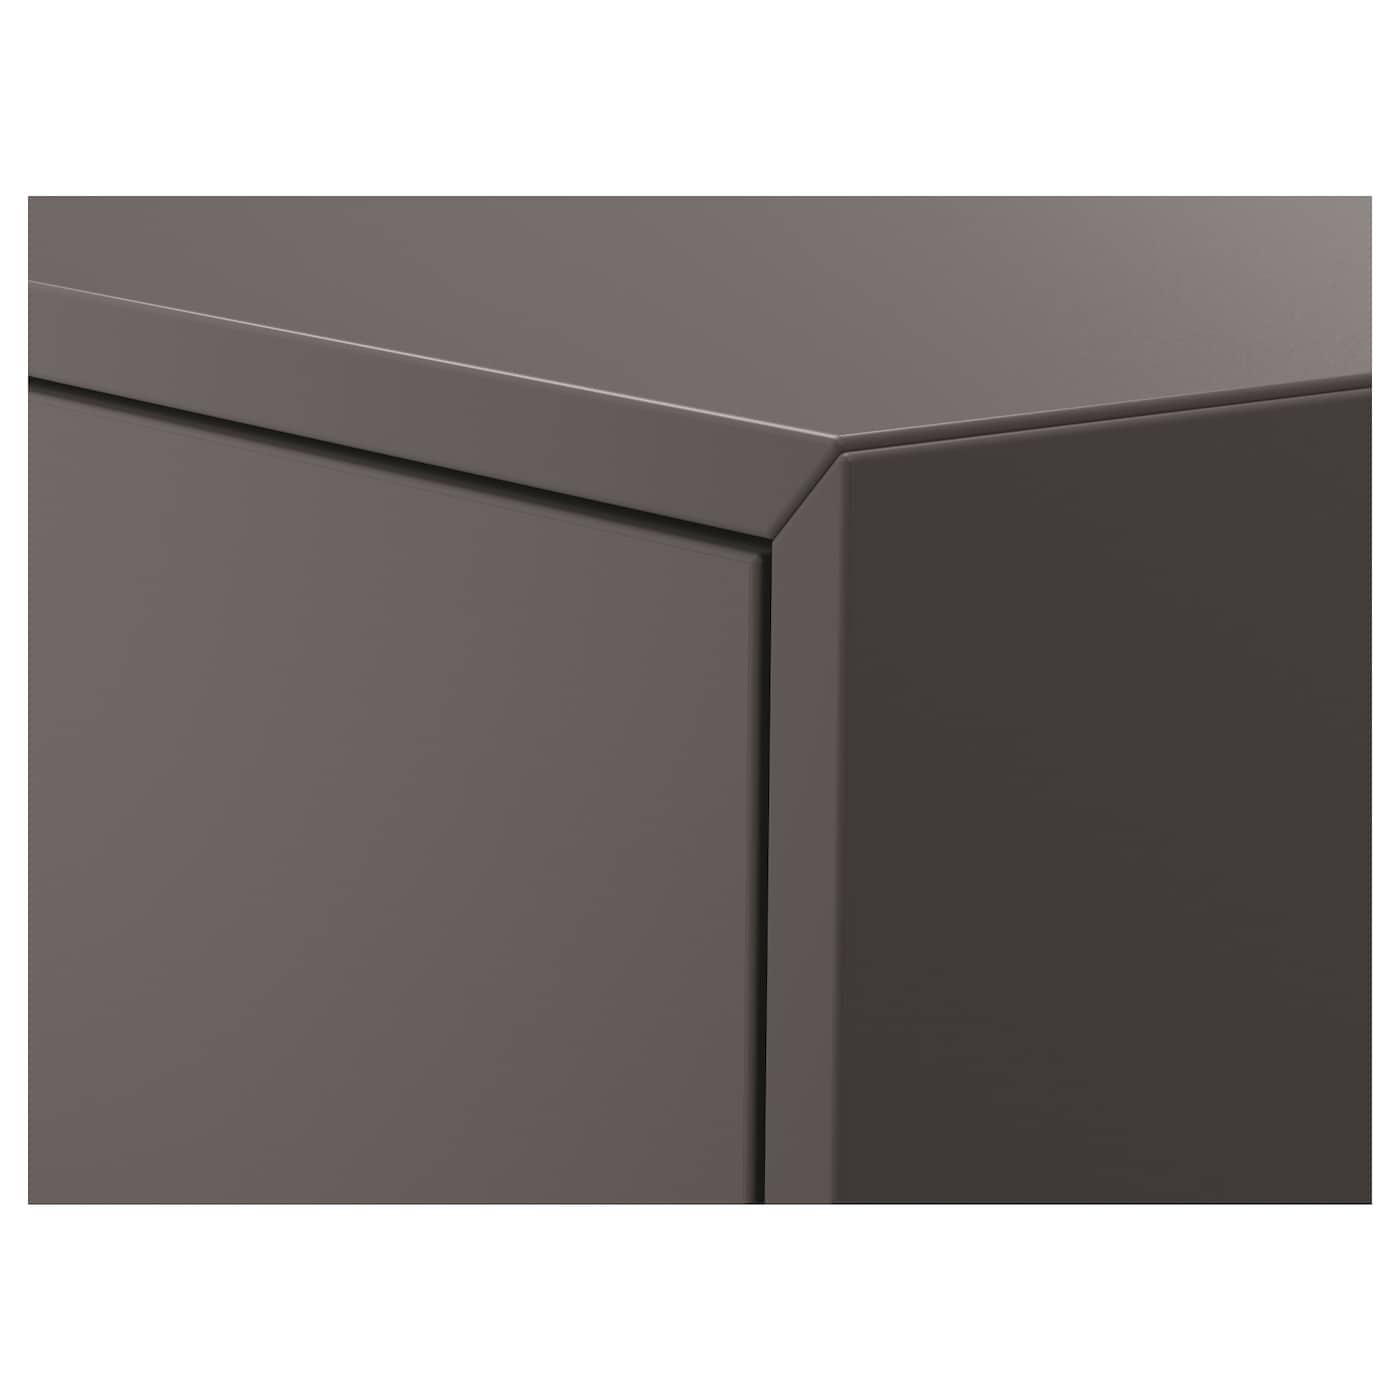 EKET Kast met deur, donkergrijs, 35x35x35 cm